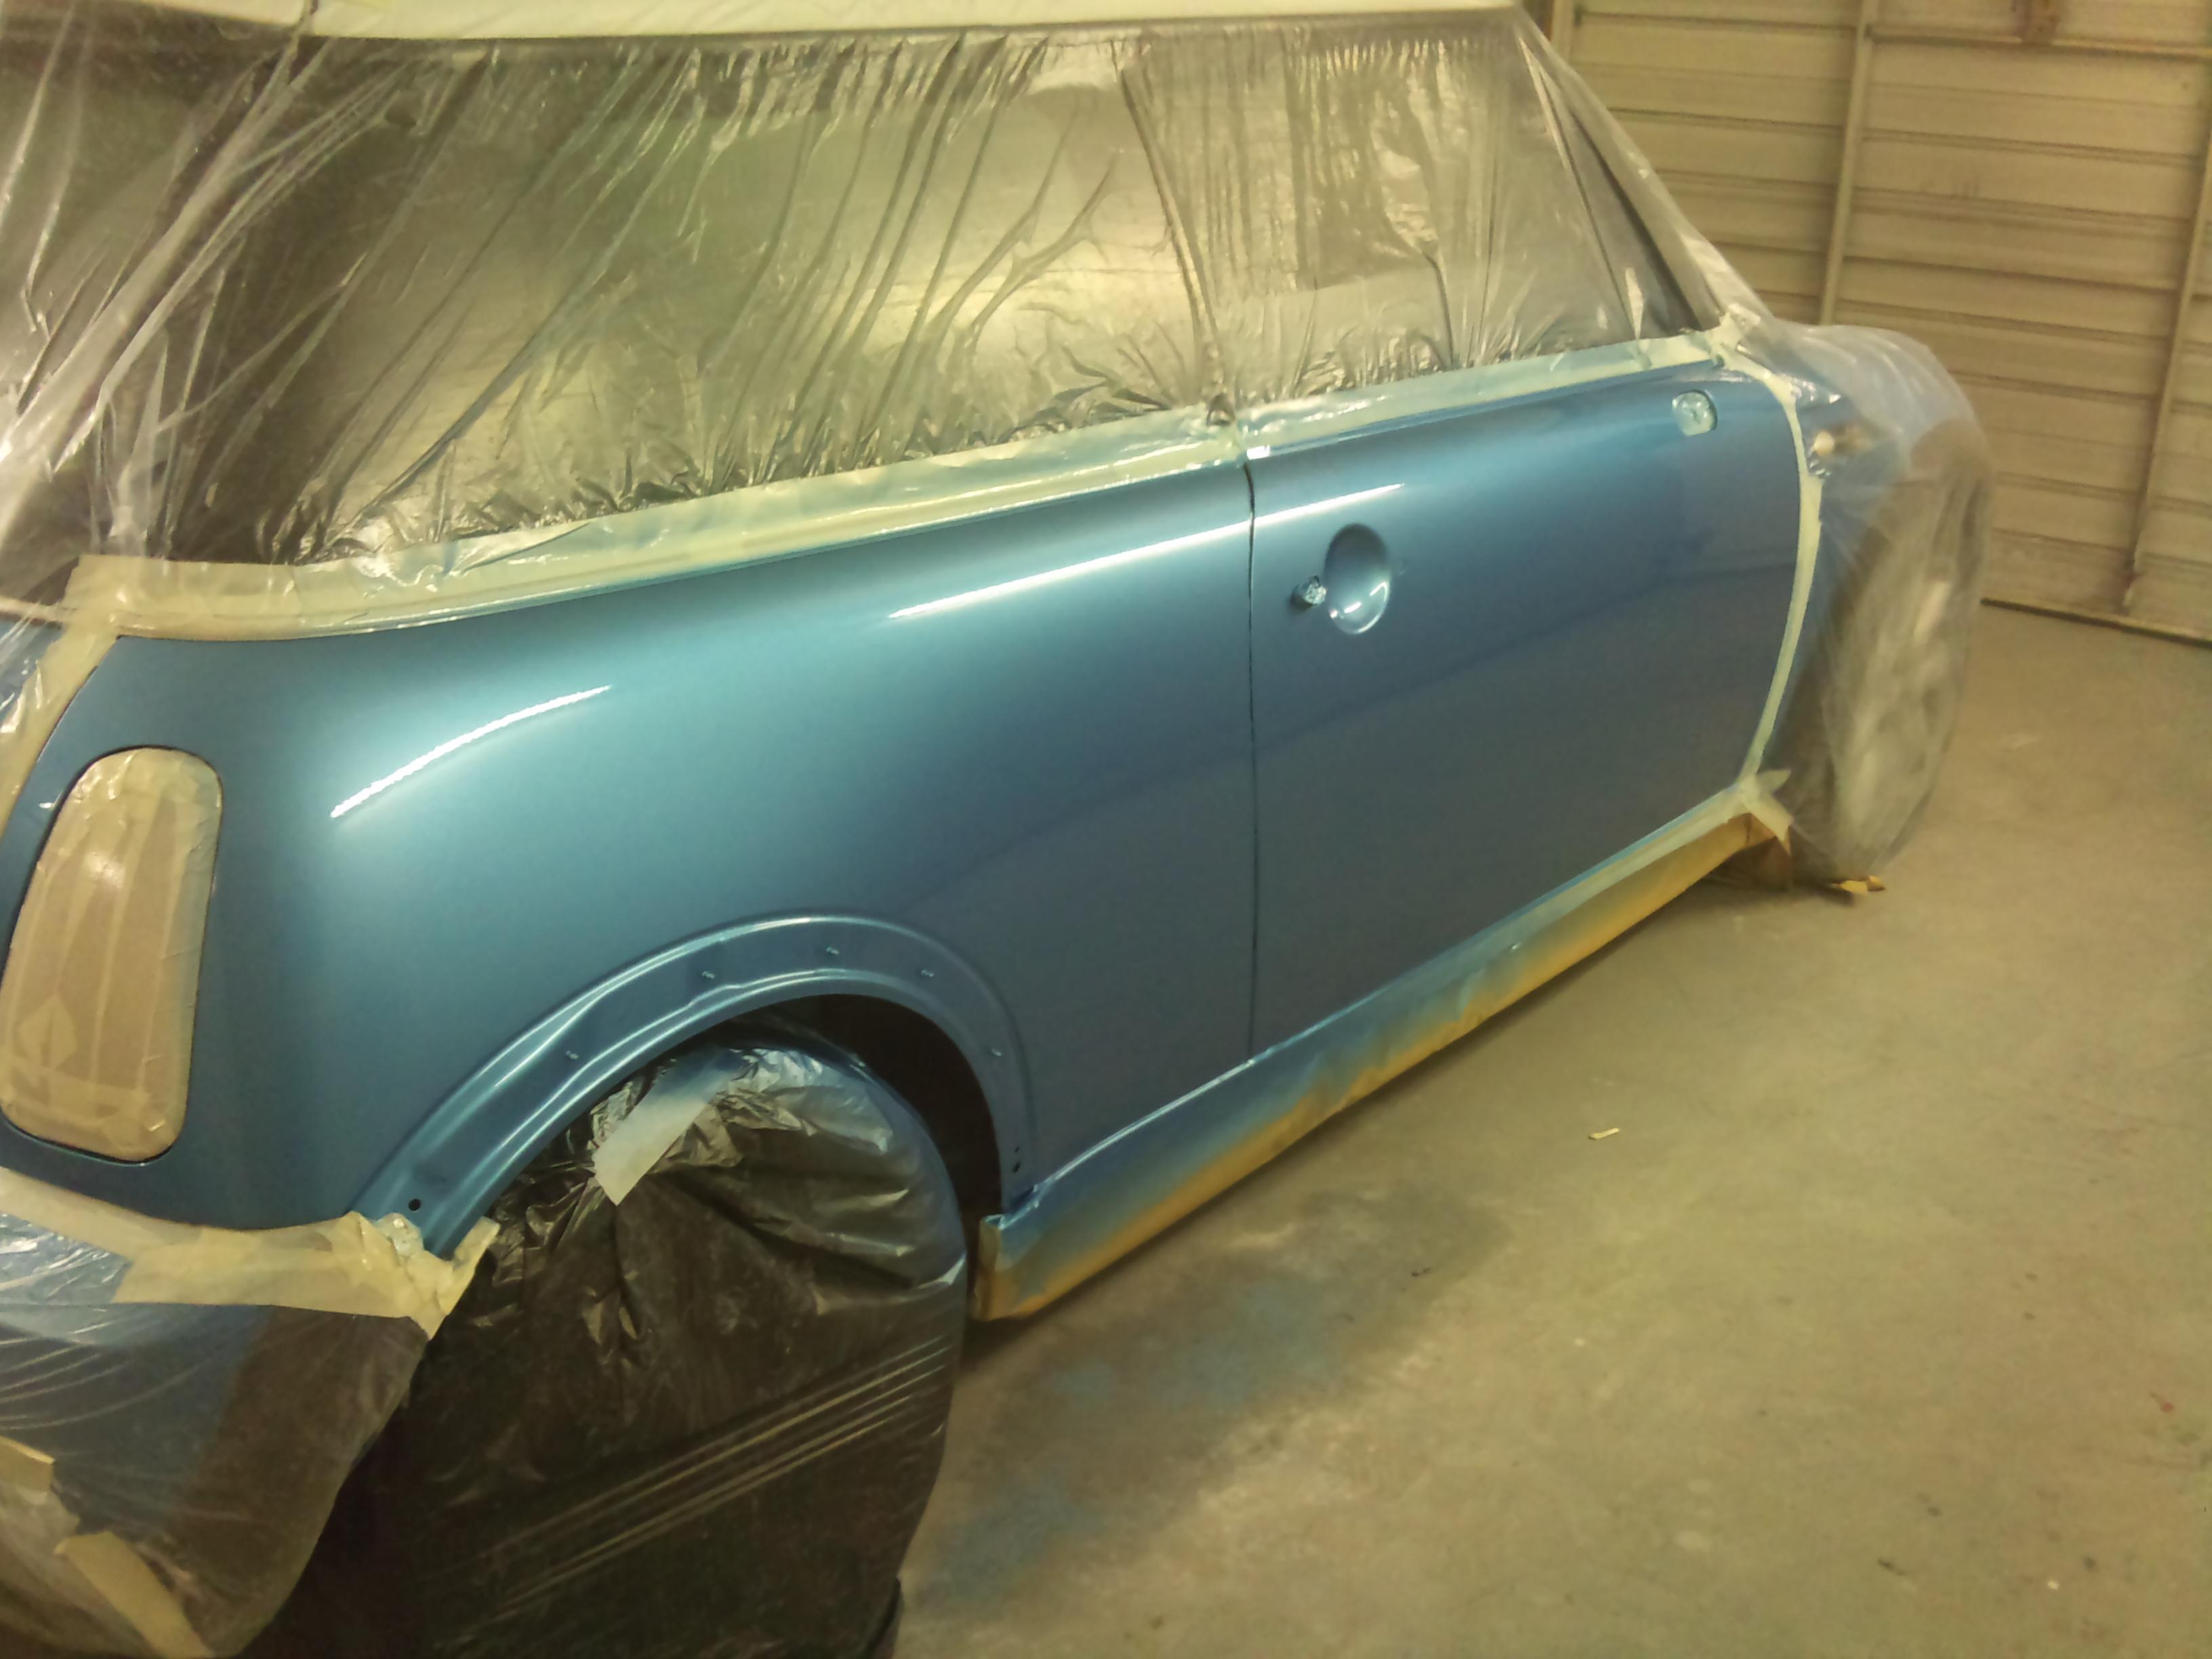 Car body repaint